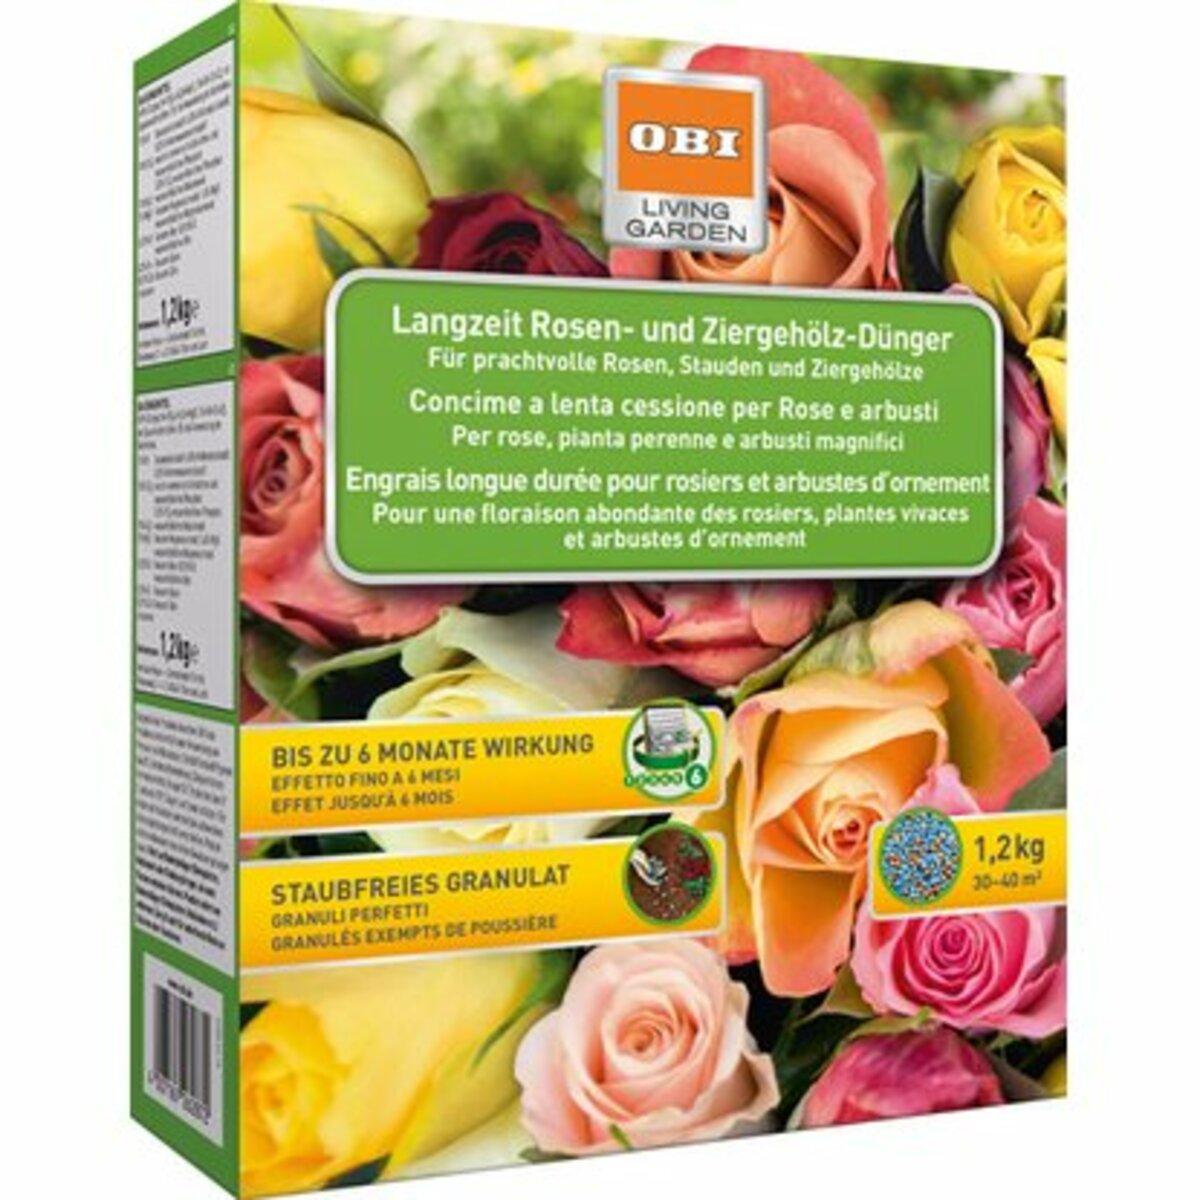 Bild 1 von OBI Langzeit Rosen- und Ziergehölz-Dünger 1,2 kg